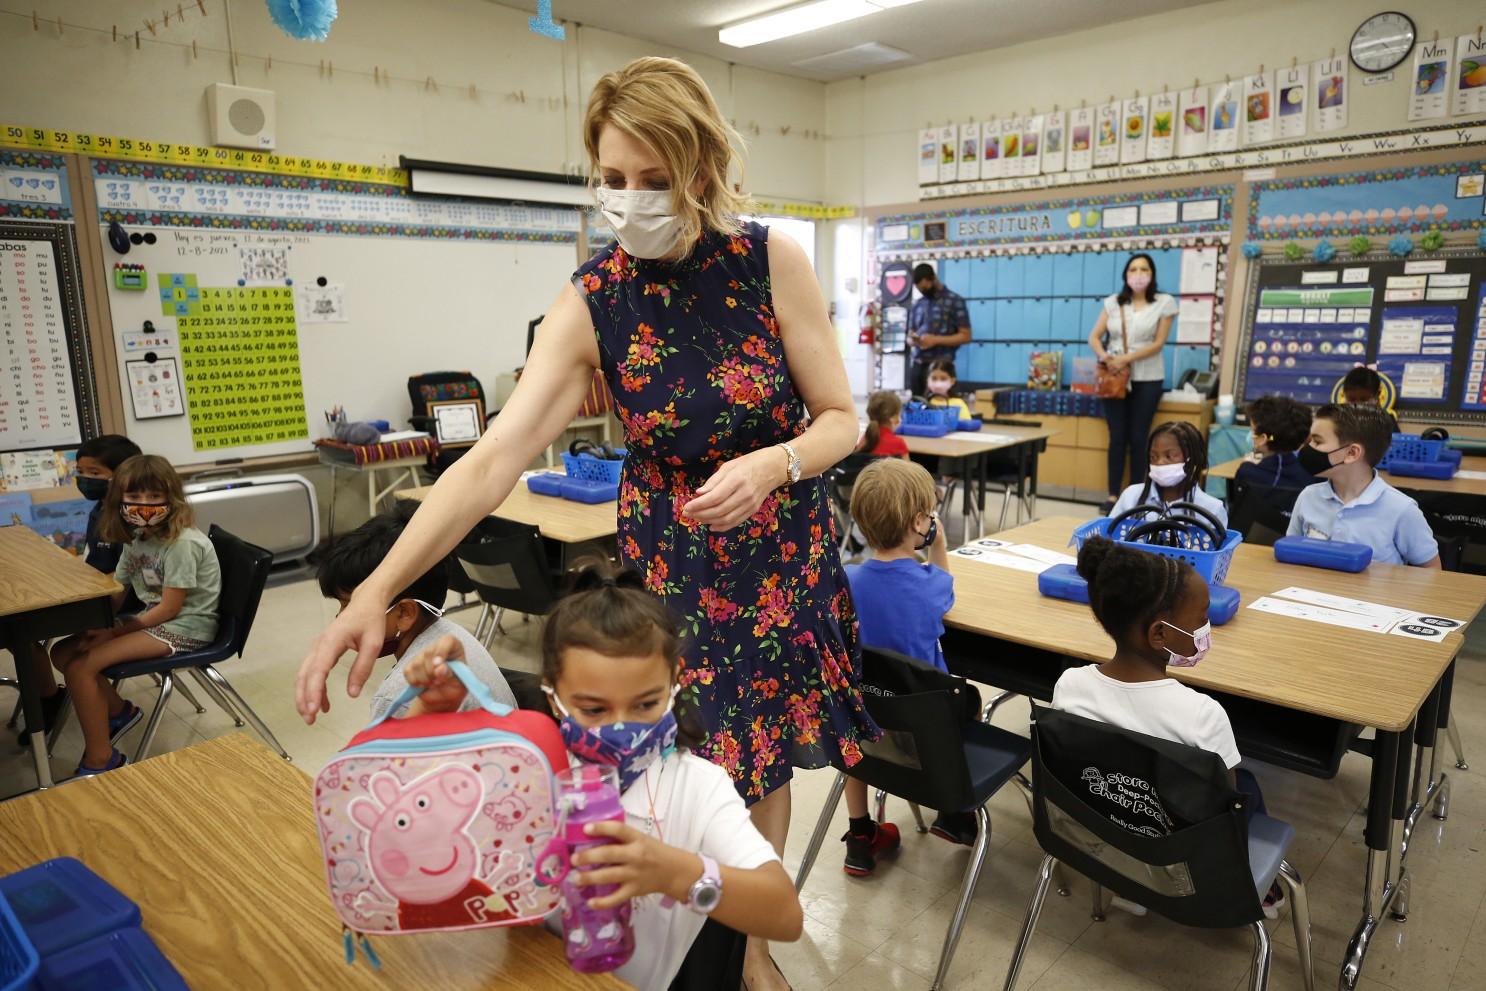 آیا لازم است بریتیش کلمبیا واکسیناسیون و زدن ماسک را برای کارکنان مدارس اجباری کند؟